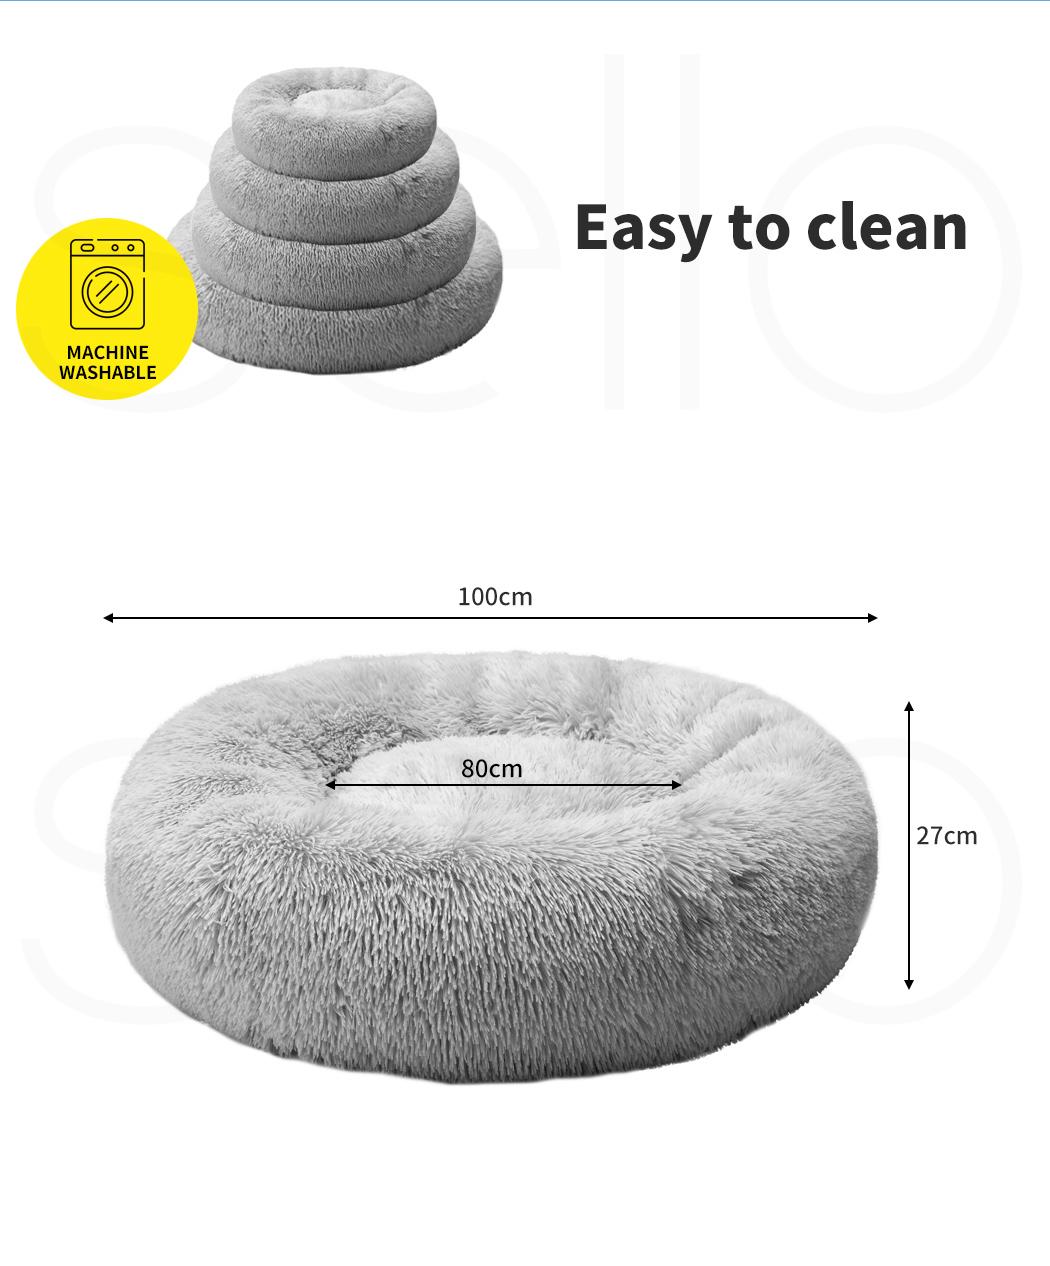 thumbnail 218 - PaWz Pet Bed Cat Dog Donut Nest Calming Mat Soft Plush Kennel Cave Deep Sleeping